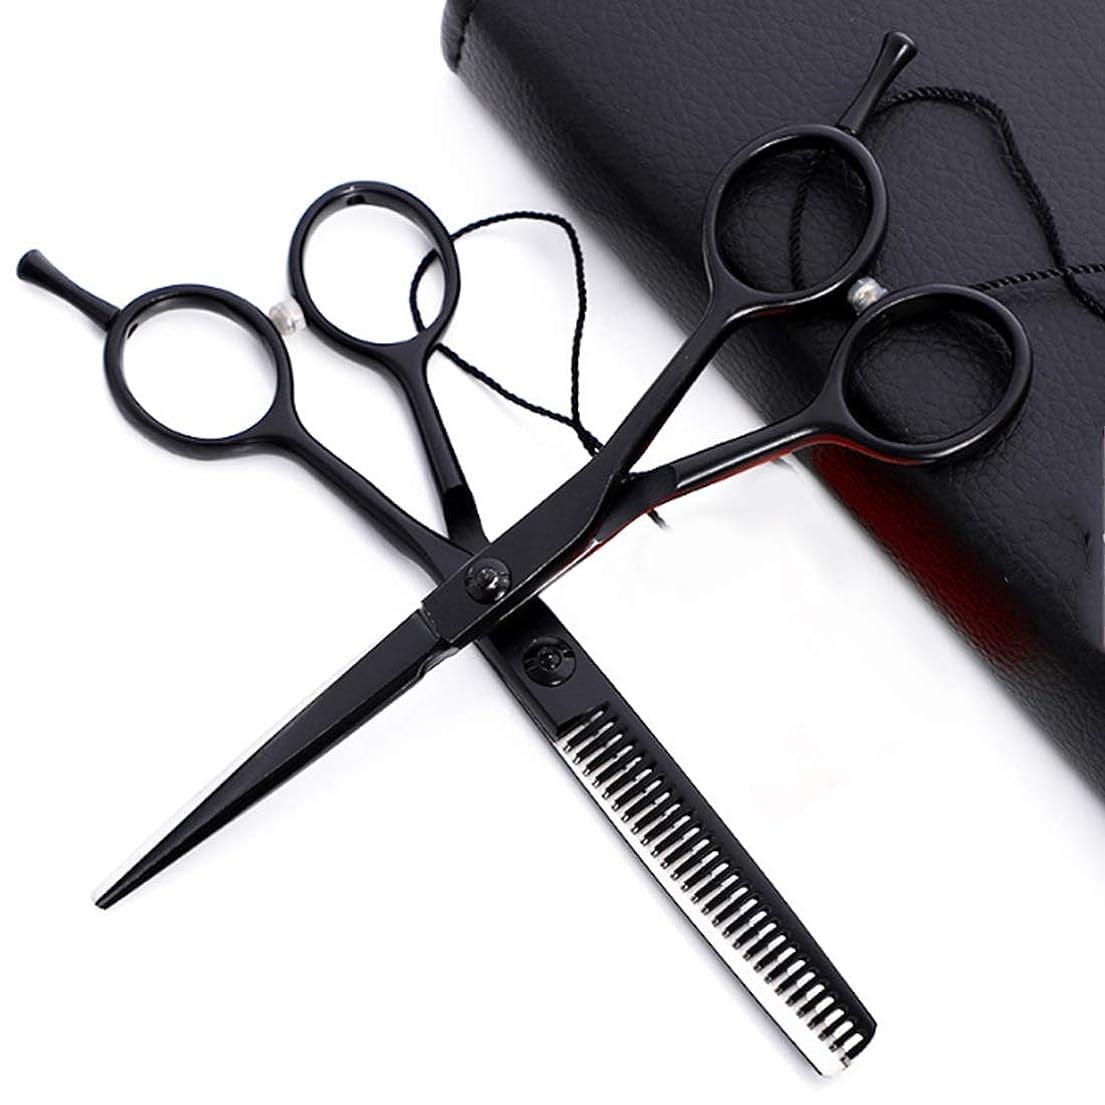 脳記念品癒す色塗装理髪用ハサミ5.5インチ - はさみ髪プロのはさみキットフラットはさみ/歯はさみ モデリングツール (色 : Black flat+tooth suit)